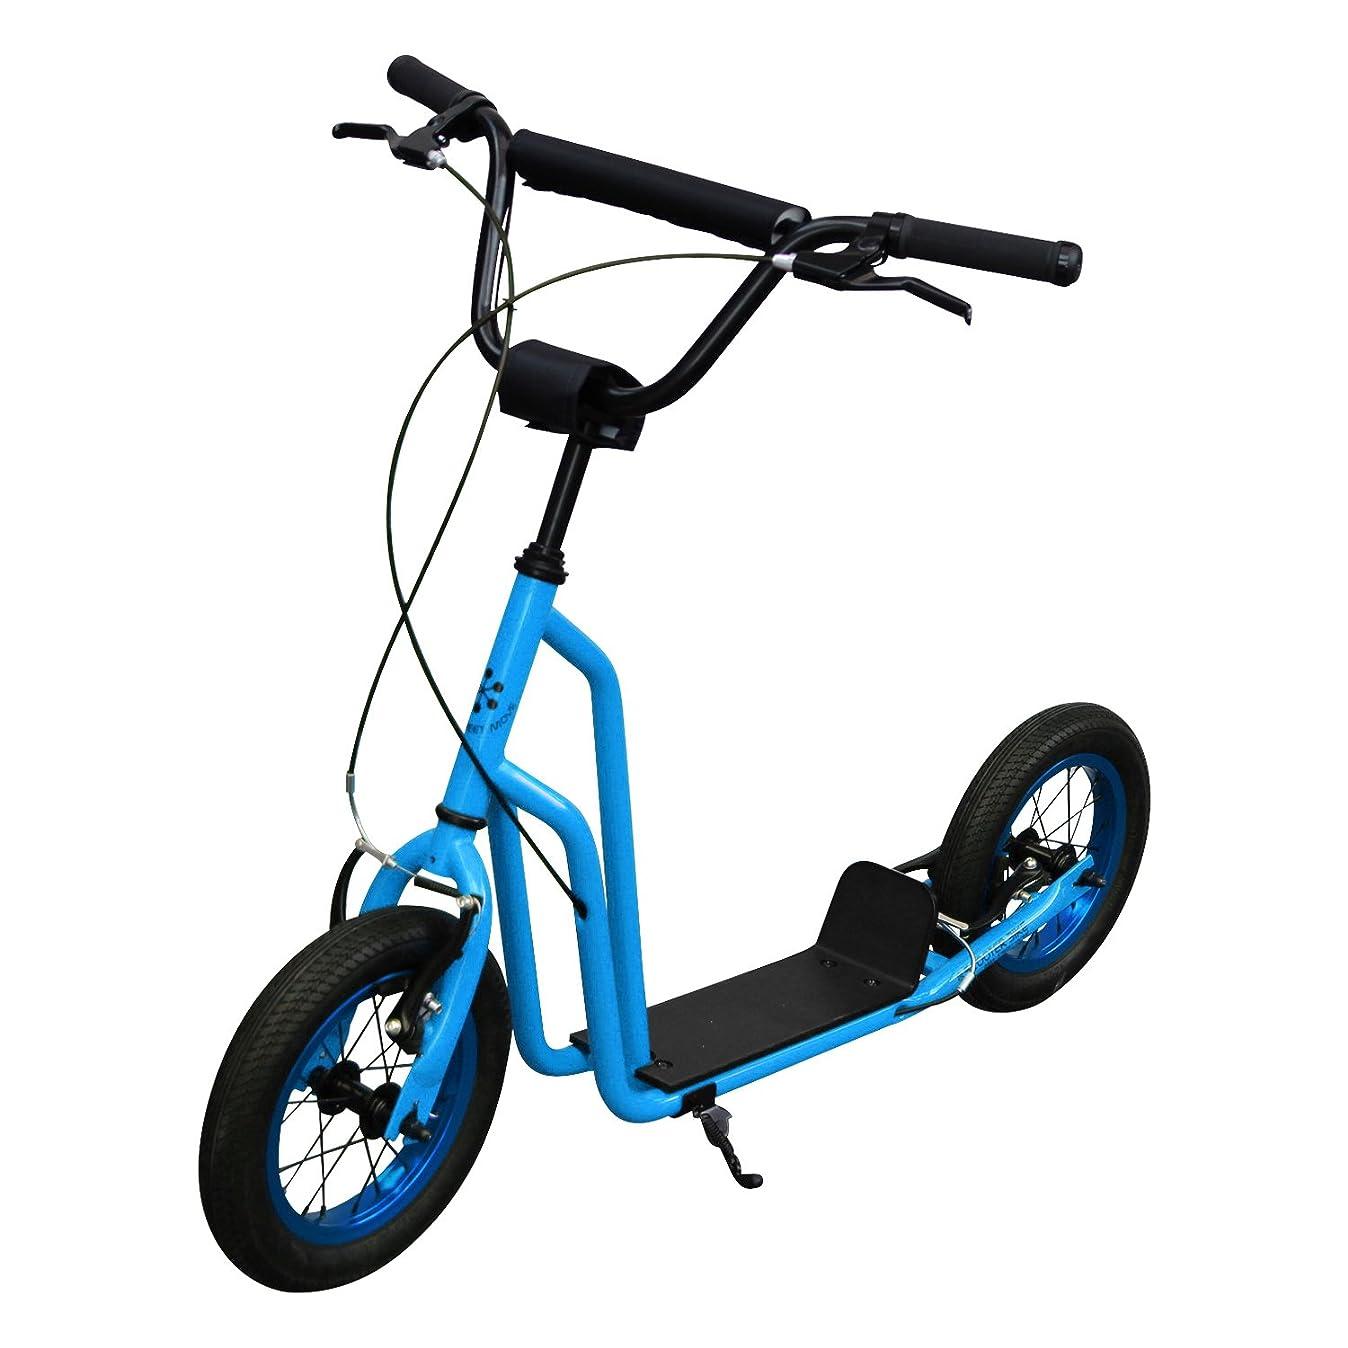 議会スクラブ別に[ バーン ] Bern ヘルメット オールストン Allston オールシーズン 大人 自転車 スノーボード スキー スケートボード BMX スノボー スケボー BM06Z [並行輸入品]